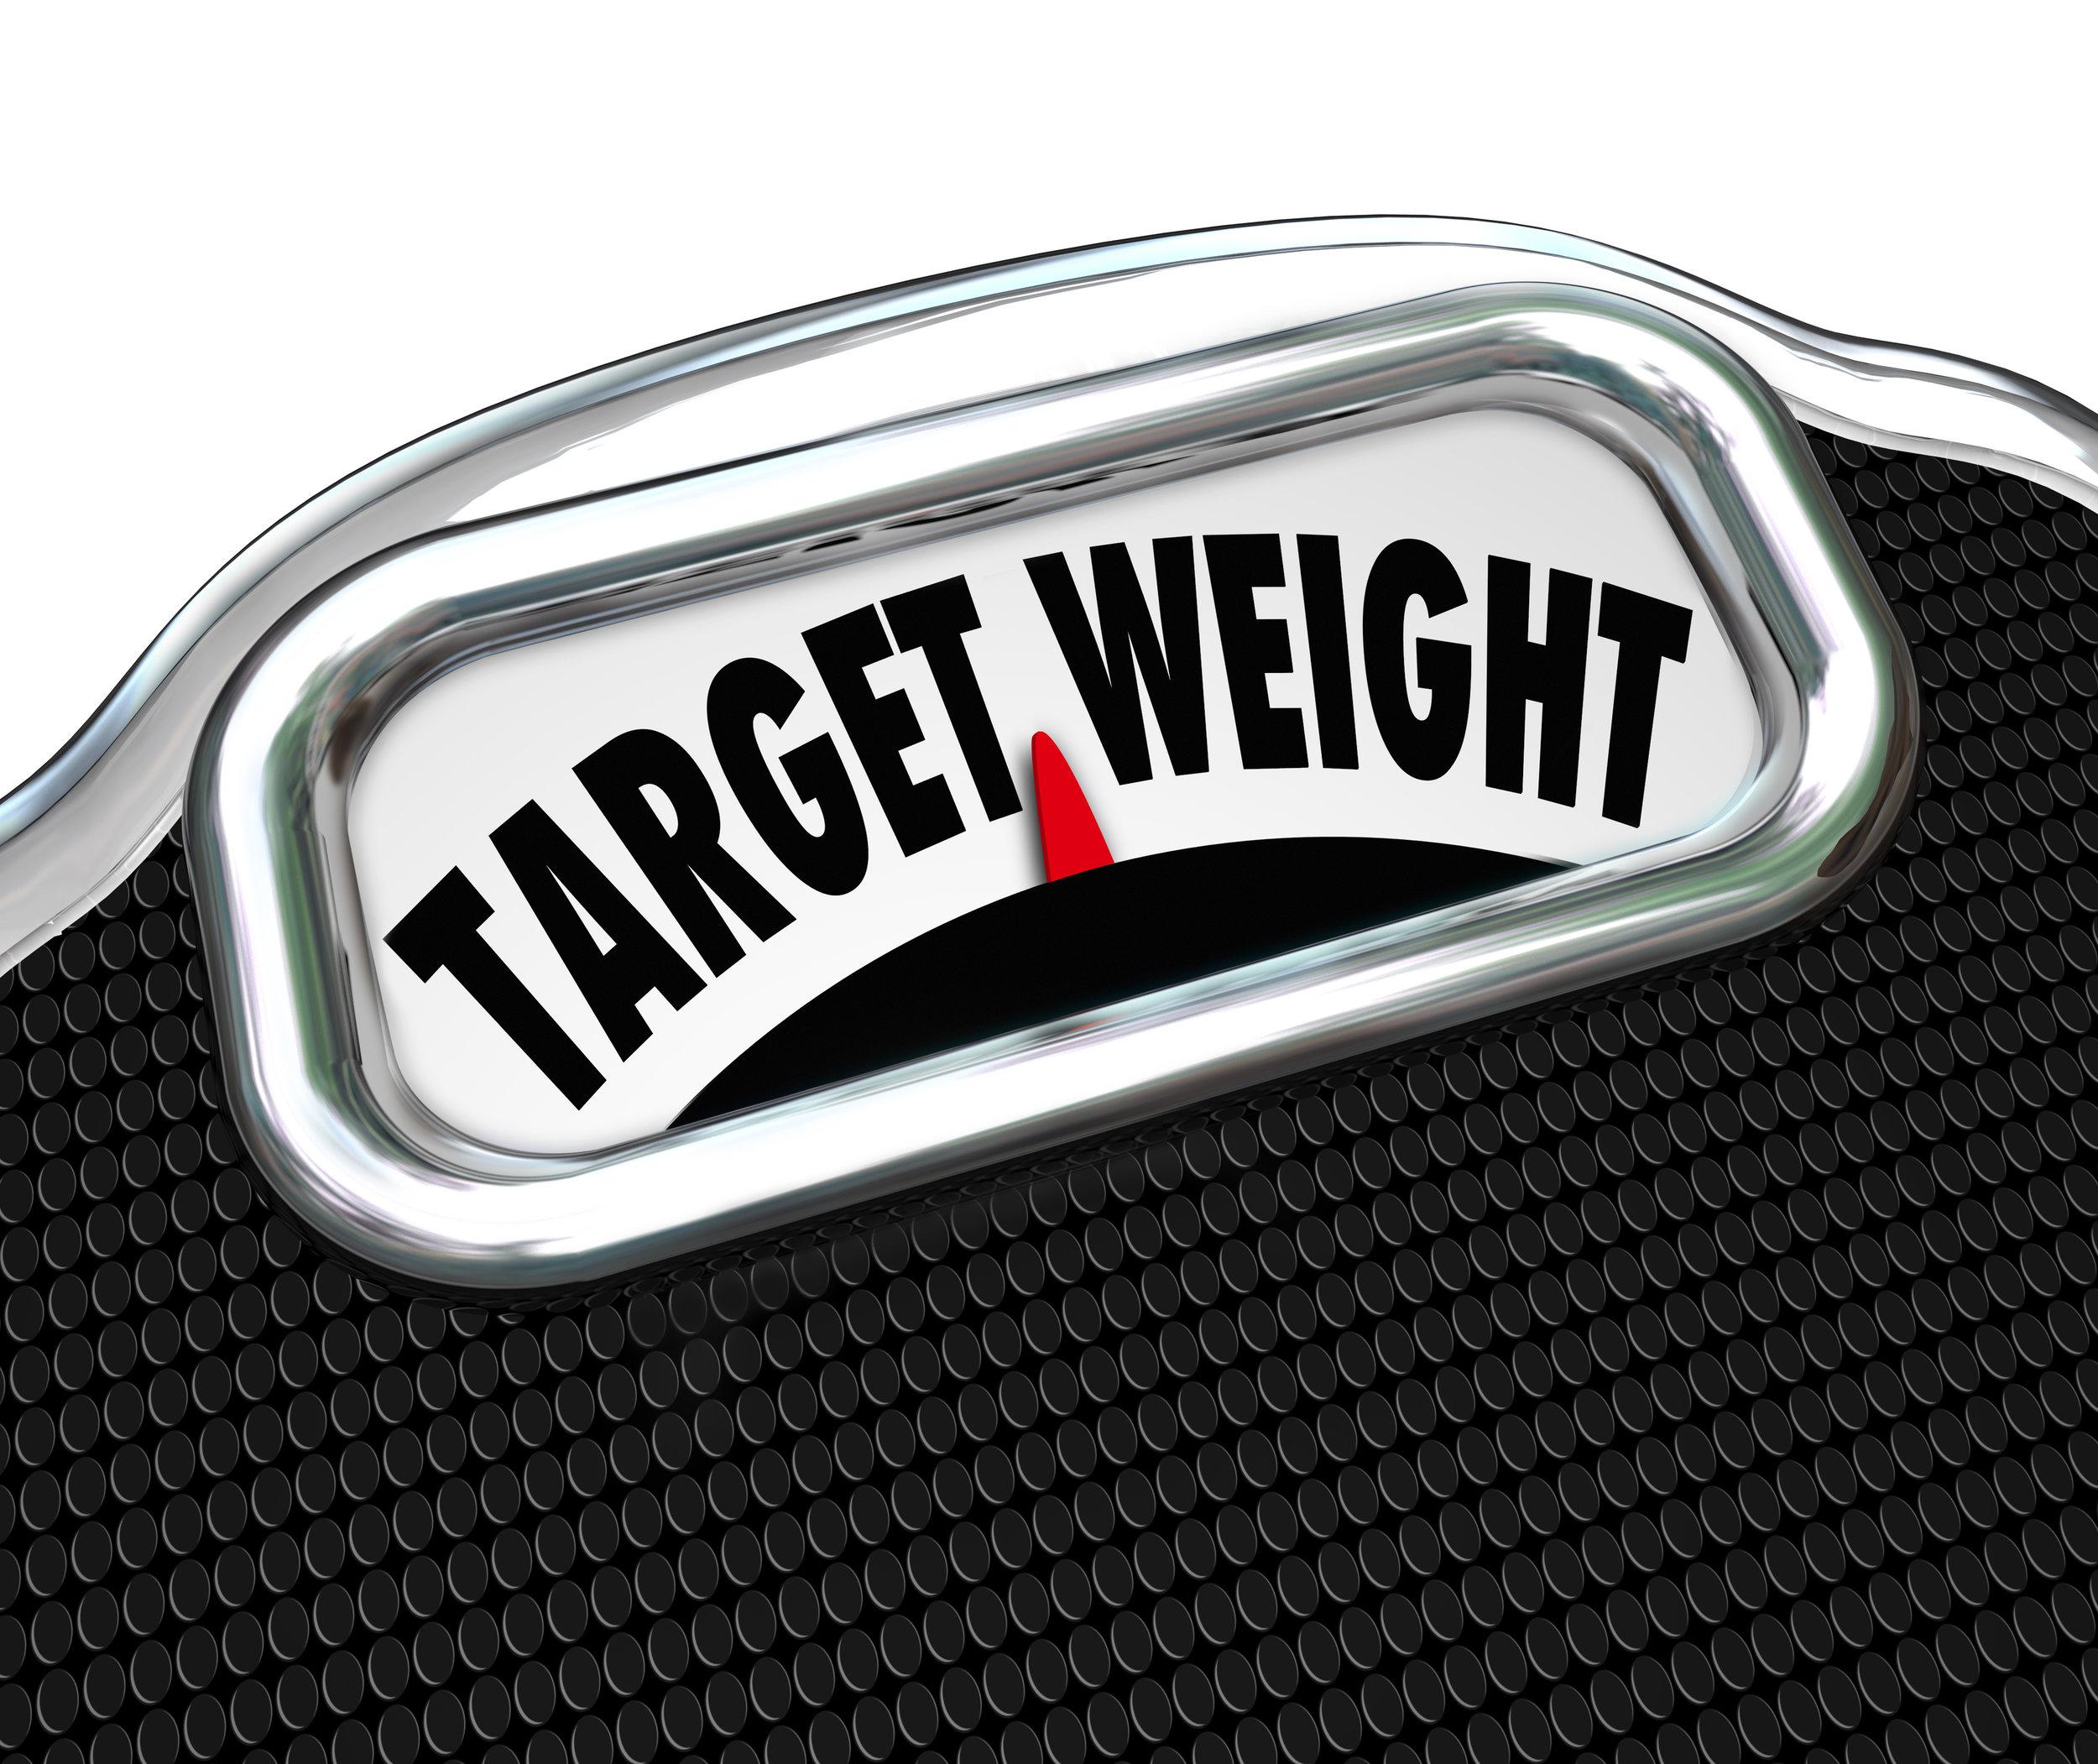 target-weight.jpg